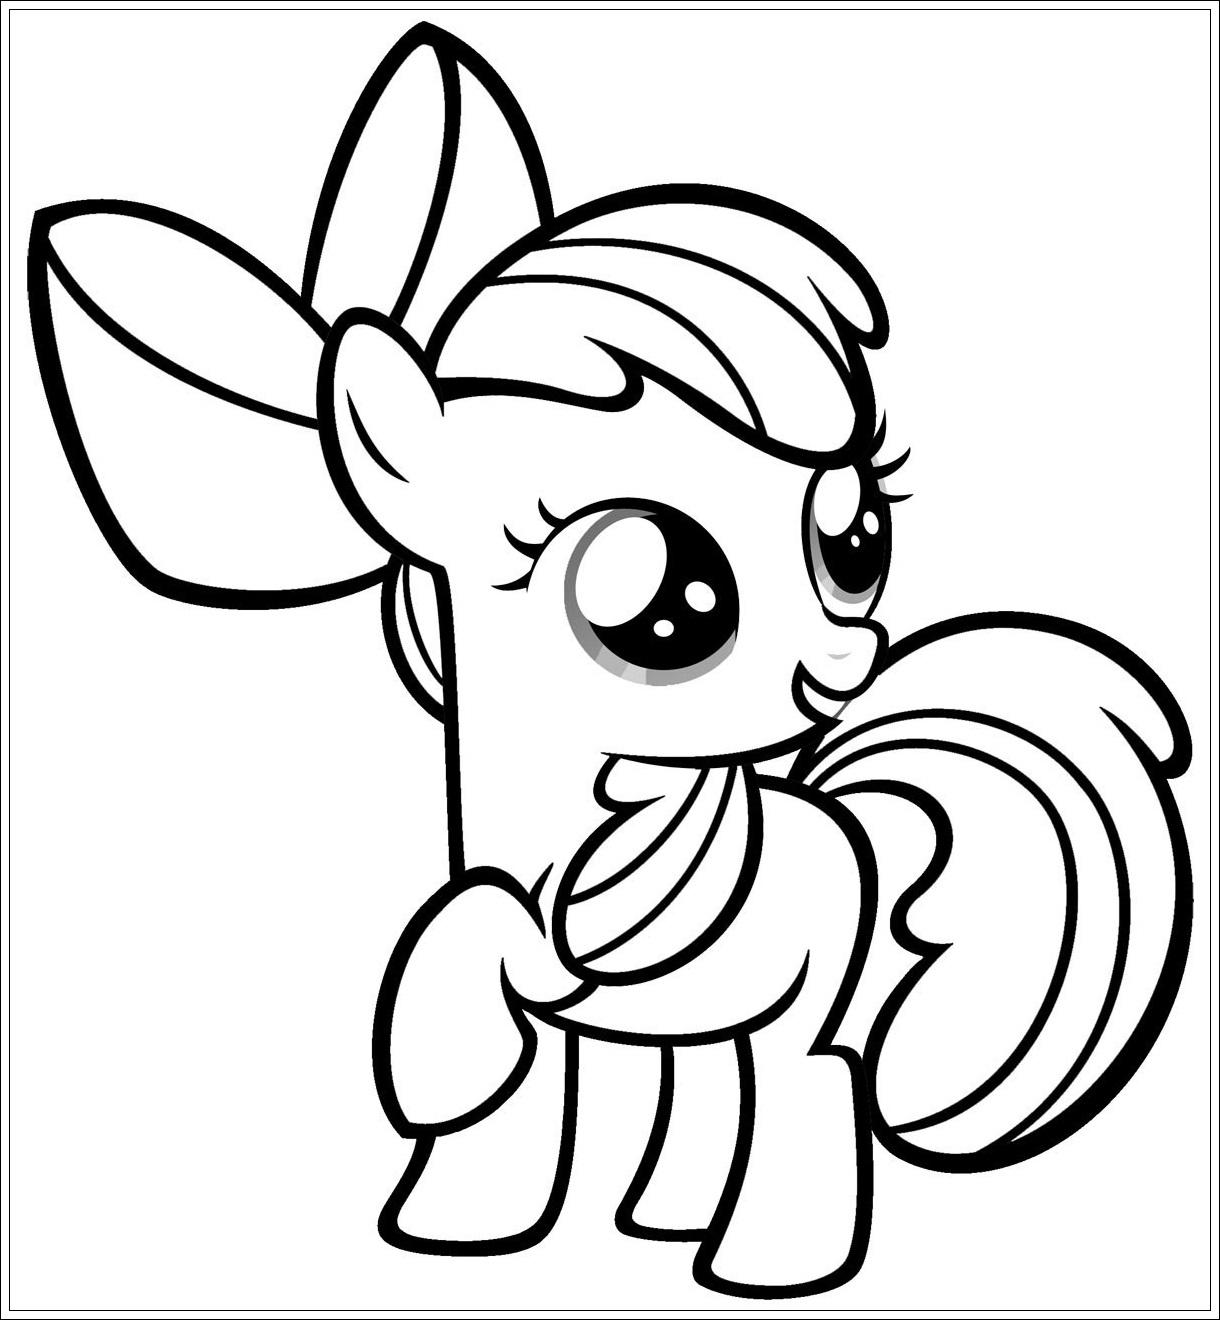 Häufig Ausmalbilder zum Ausdrucken Ausmalbilder My Little Pony zum OI13